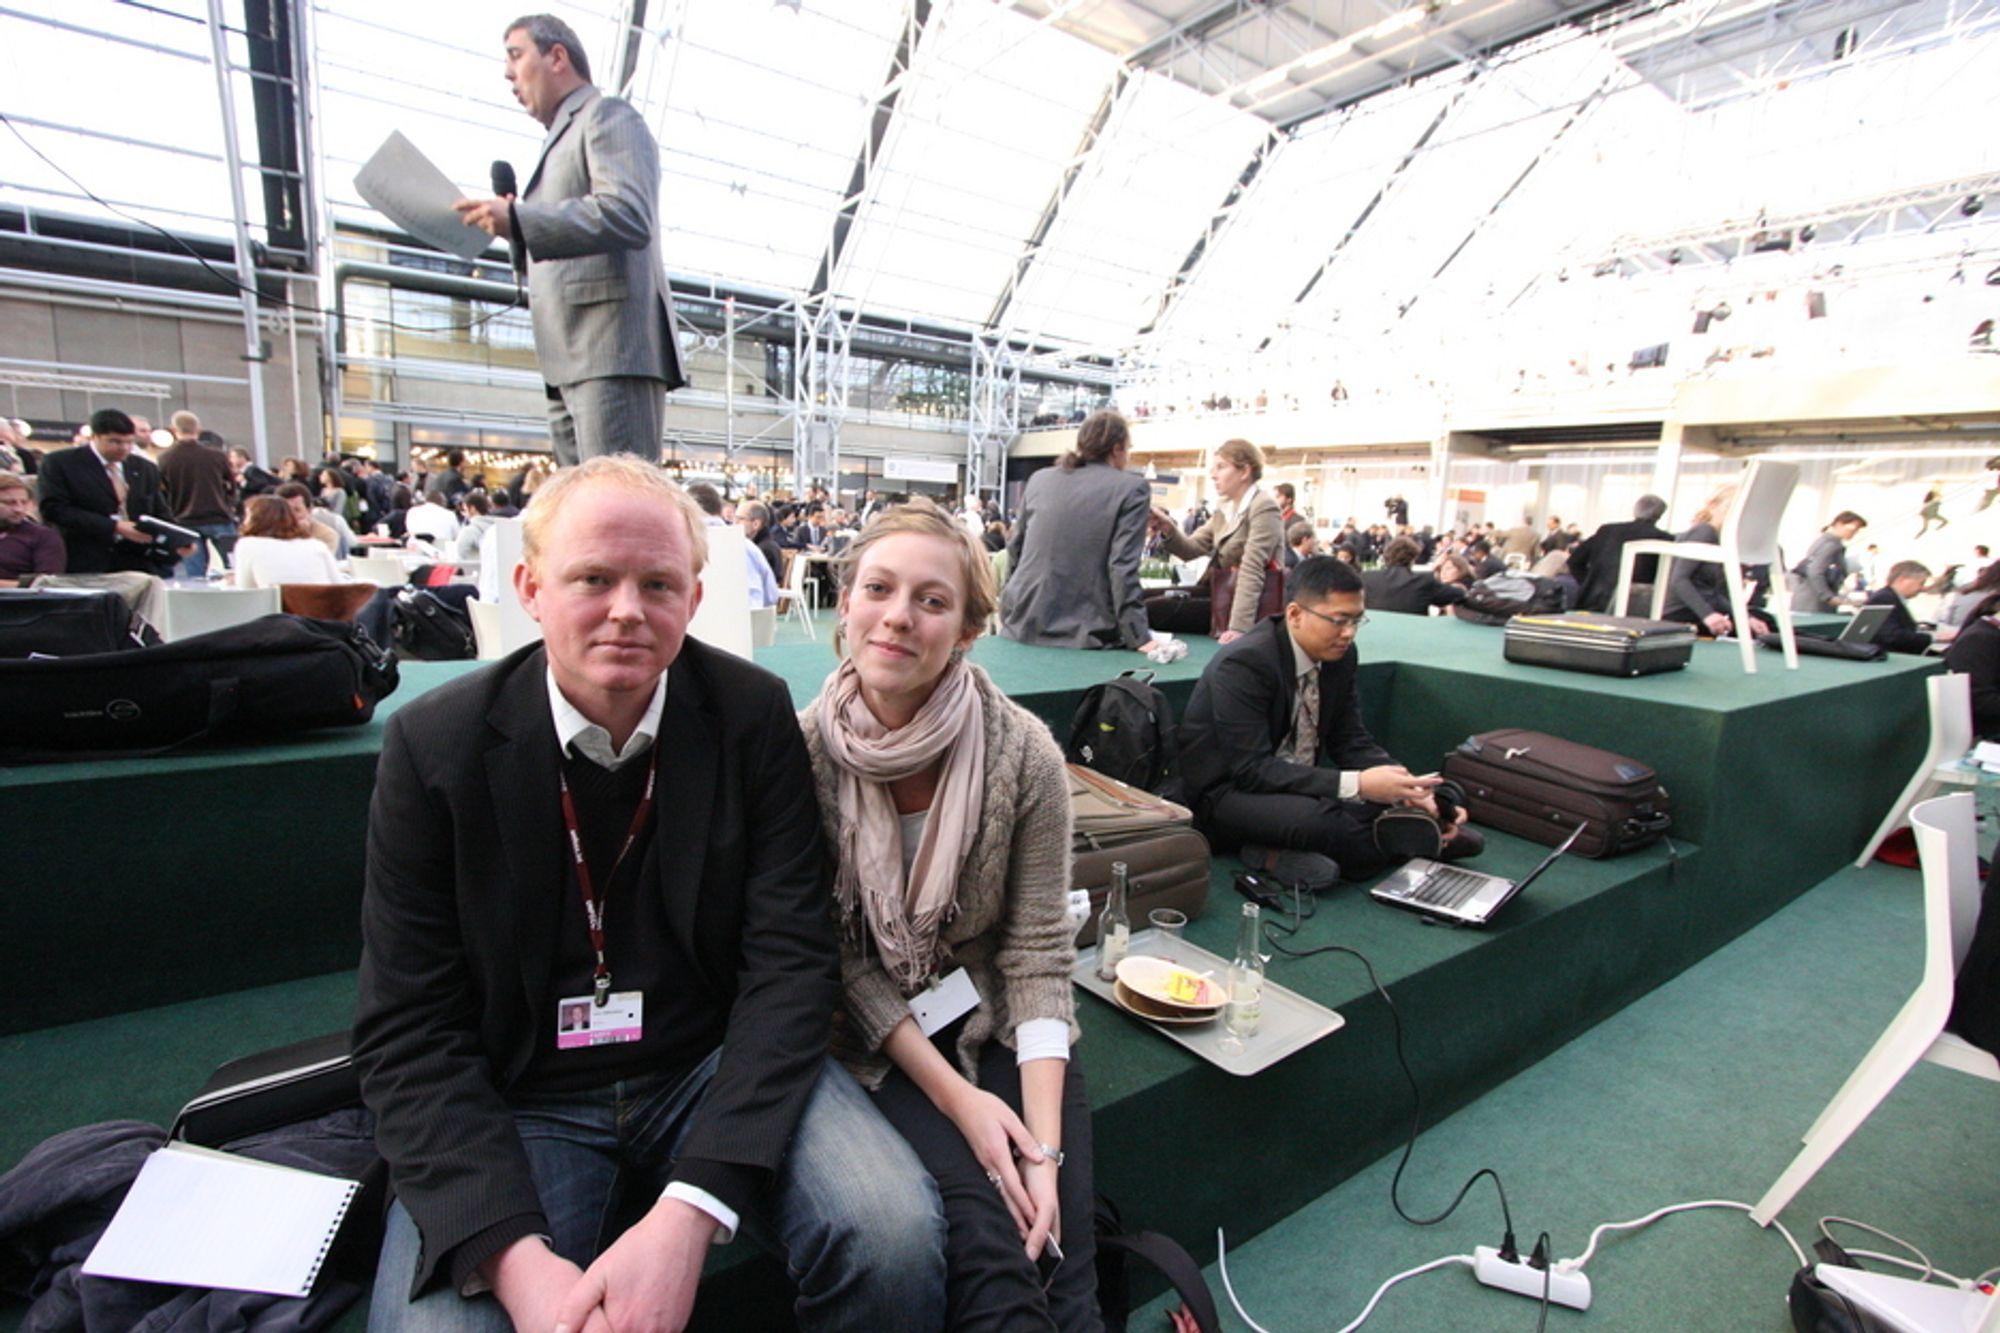 BEKYMRET: - Det ser ikke veldig lyst ut for en avtale, sier Lars Haltbrekken i Norges Naturvernforbund torsdag ettermiddag. Ingeborg Gjærum i Natur og Ungdom er like bekymret.